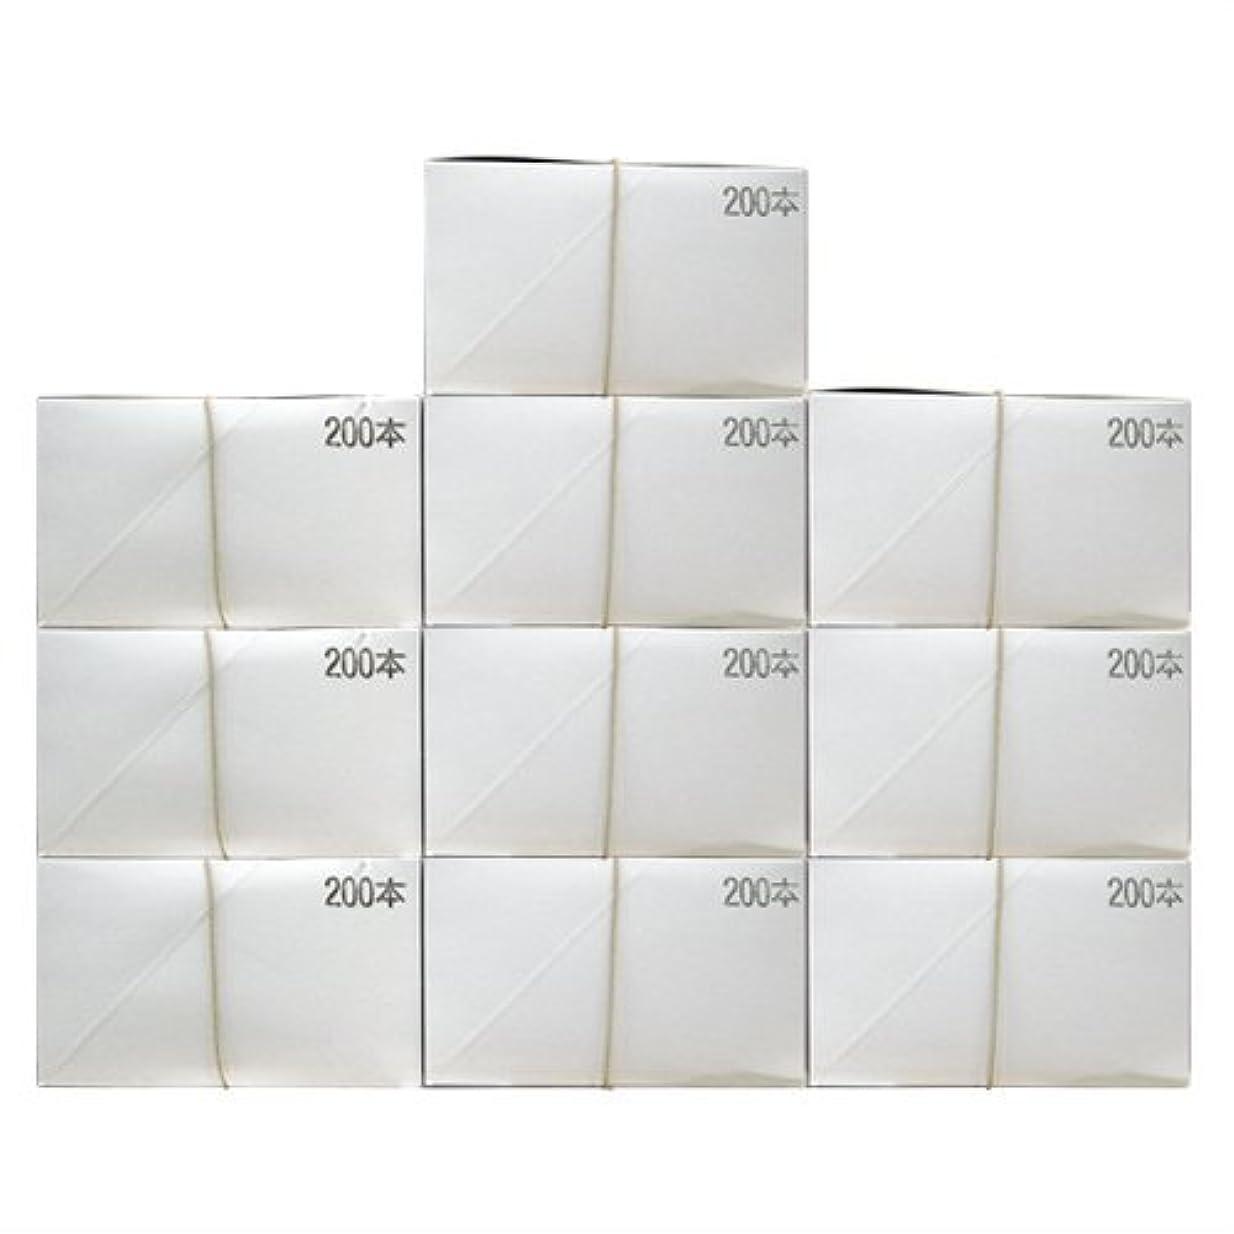 アロング症候群家業務用 日本製 使い捨て粉付き歯ブラシ 個包装タイプ (2000本入)│ホテルアメニティ